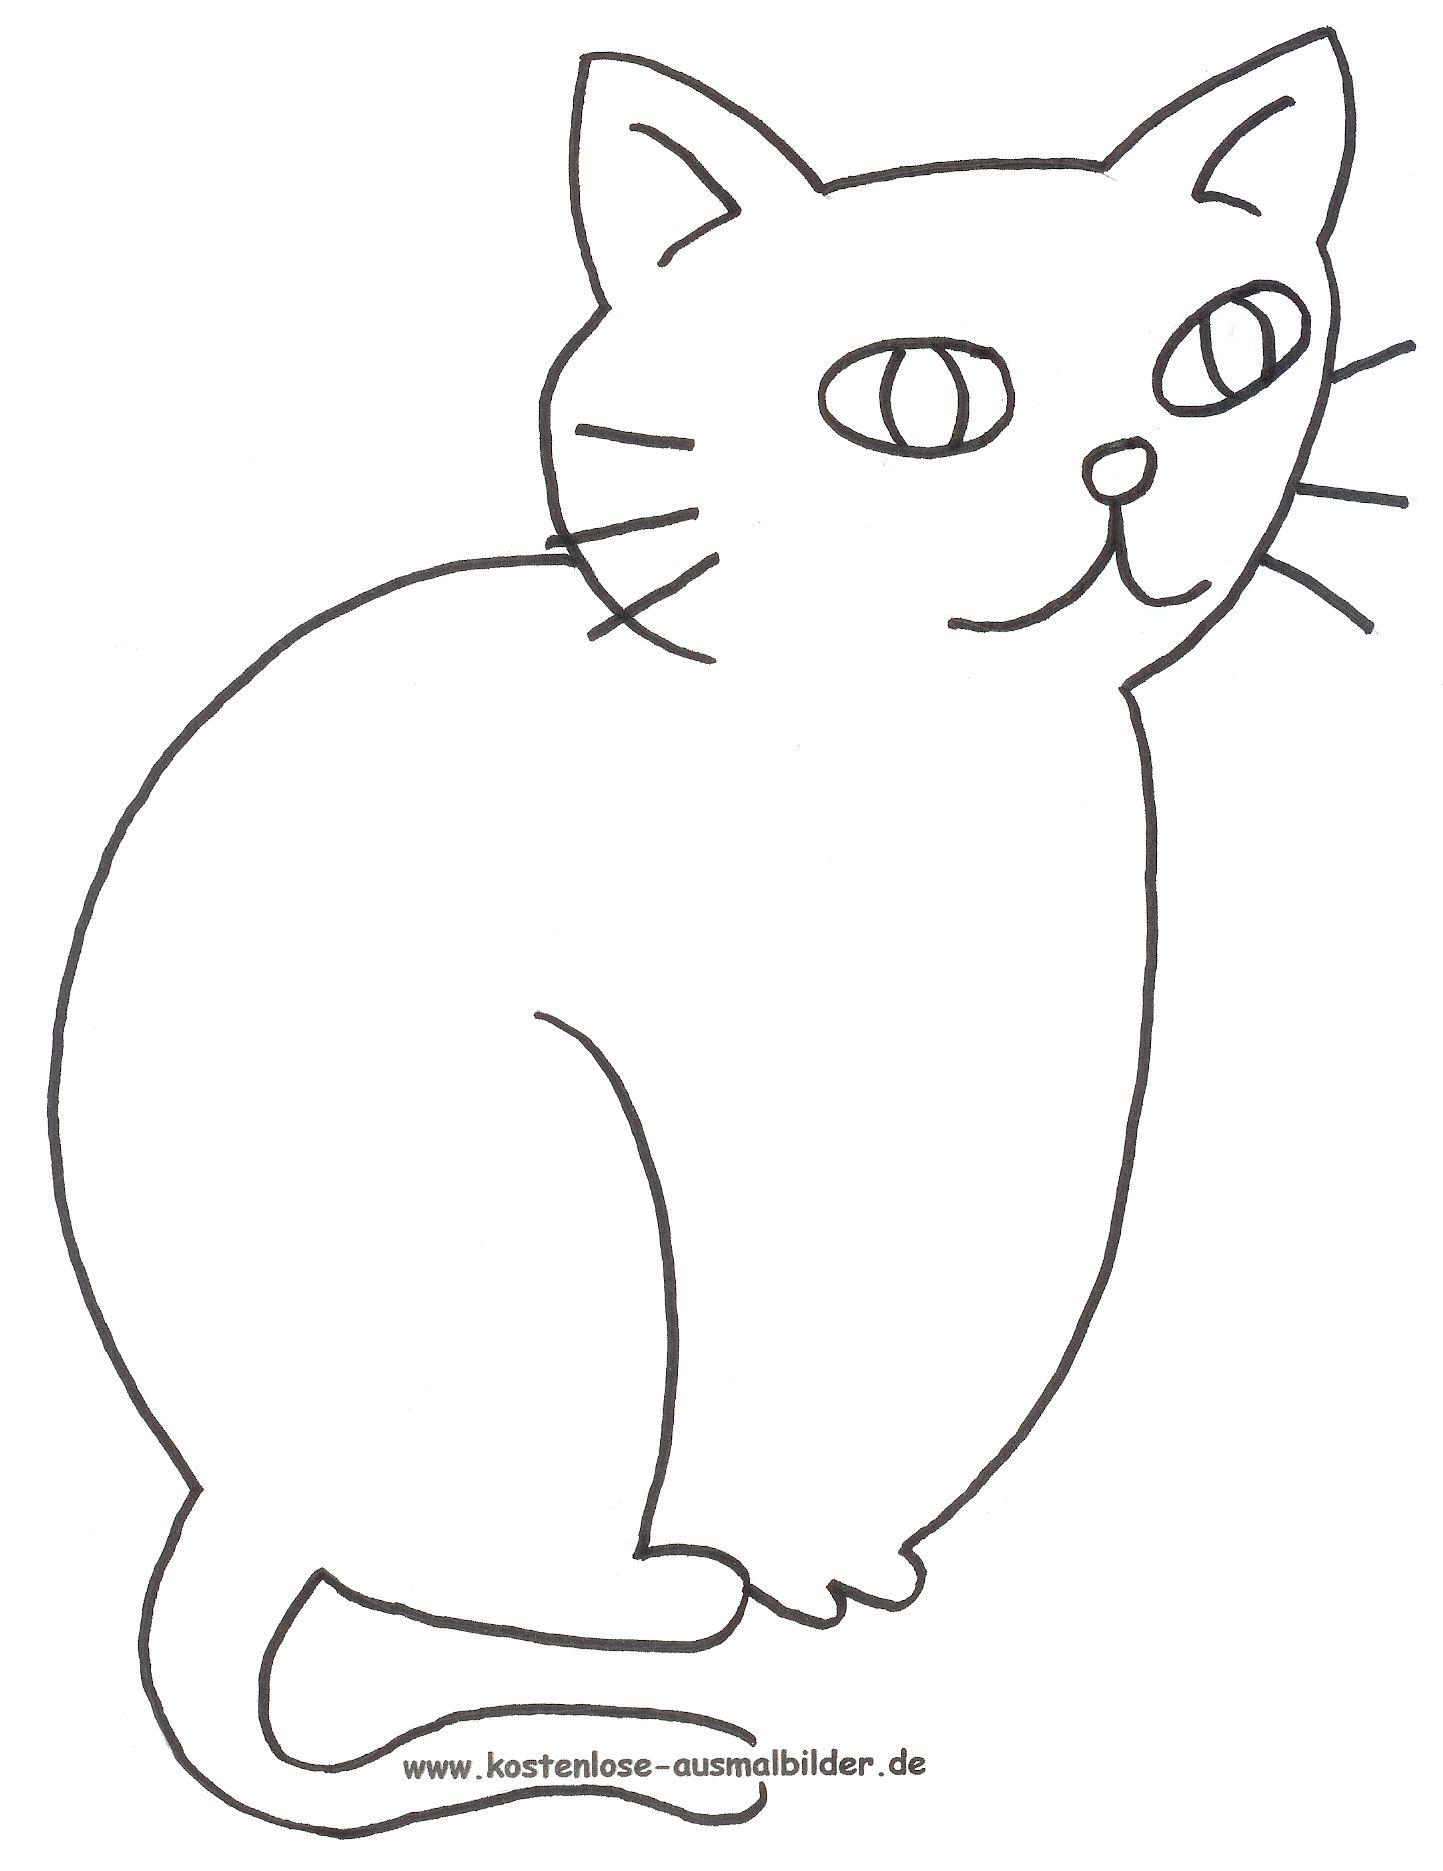 Katze.jpg (1443×1871) | Malvorlagen / colering | Pinterest ...